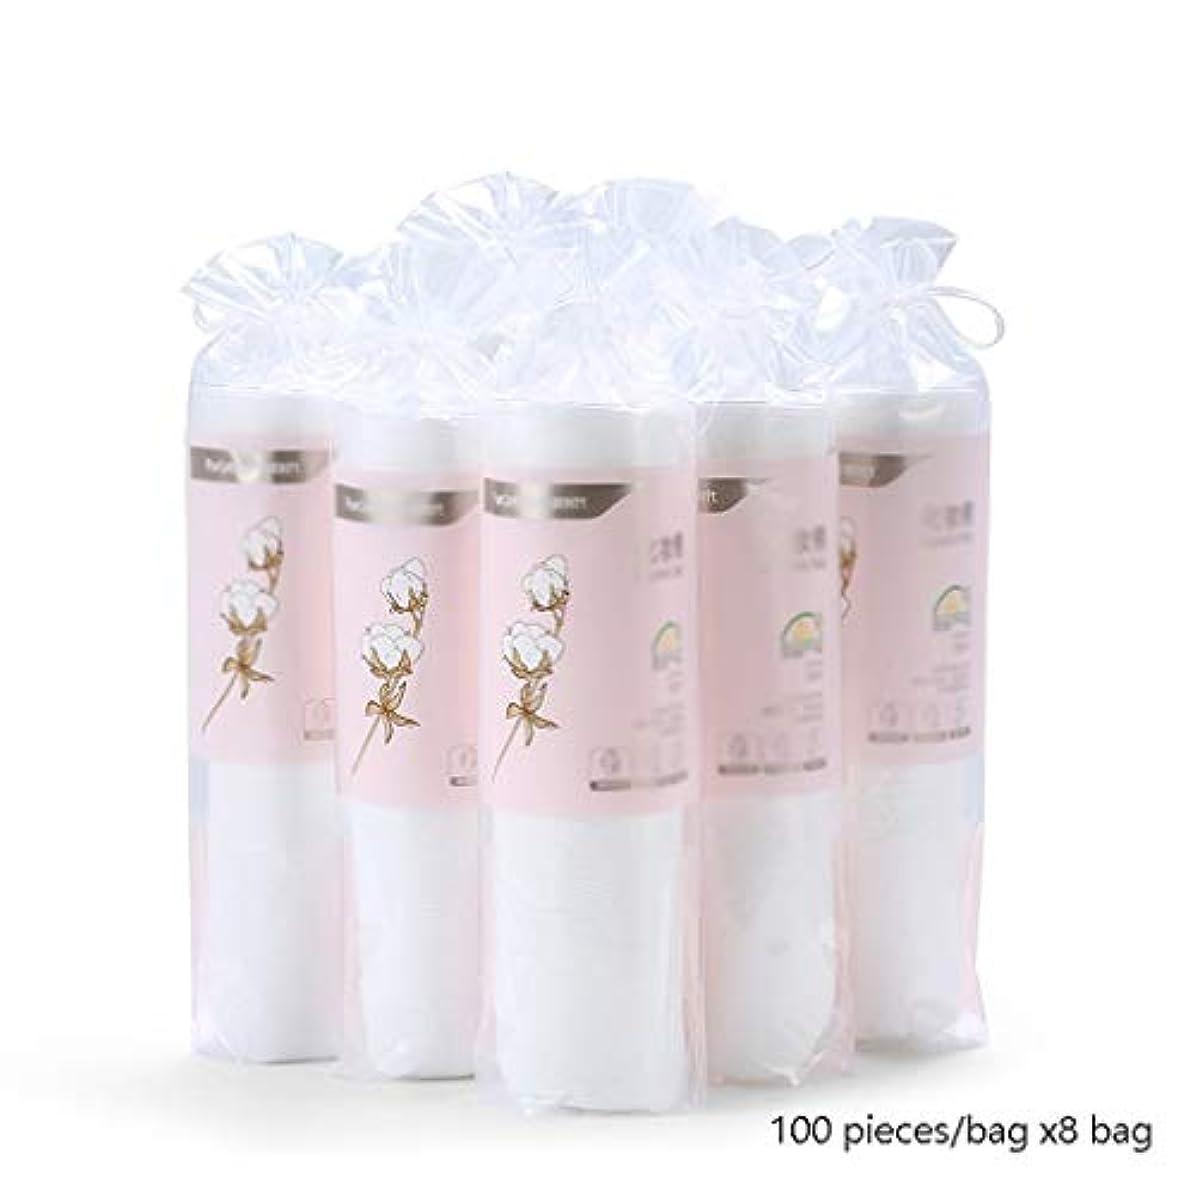 挑発する影のある混雑クレンジングシート 100個/袋* 8袋ラウンドコットンコットンメイク落としコットン厚手両面コットンパッド (Color : White)